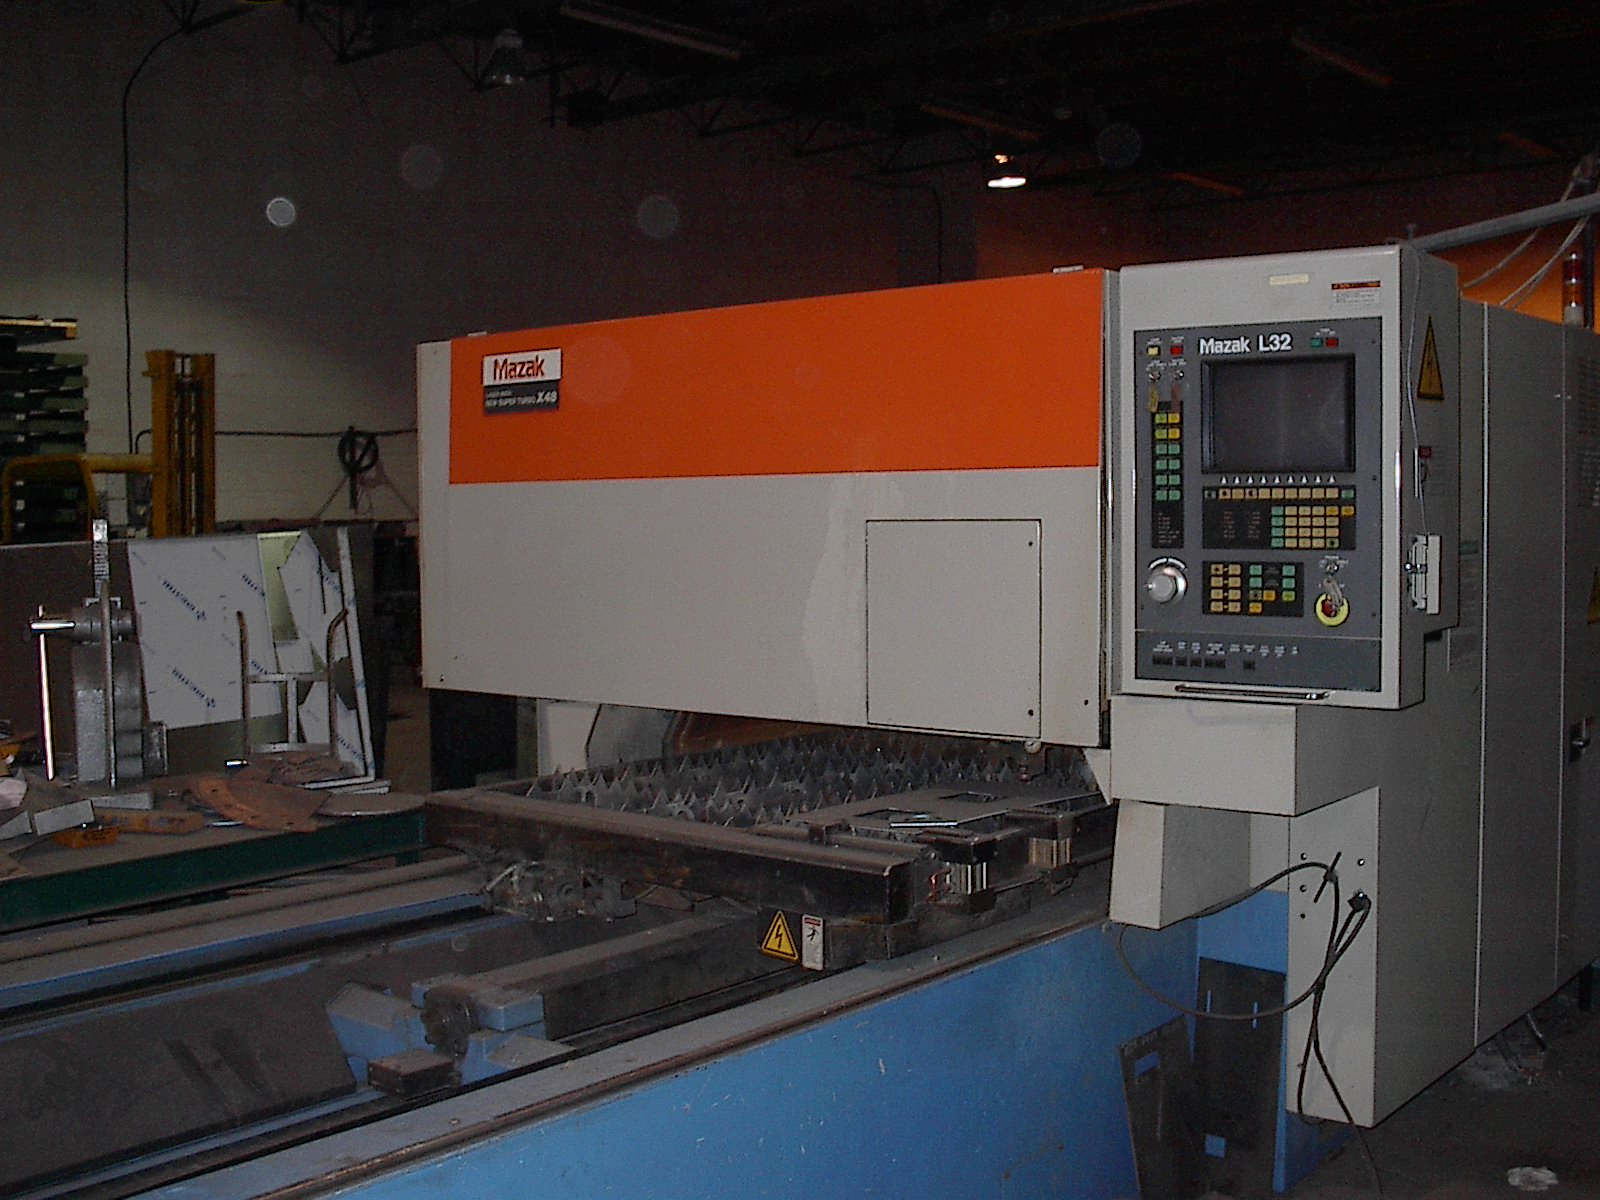 1500 Watt, Mazak L32 Cntrl